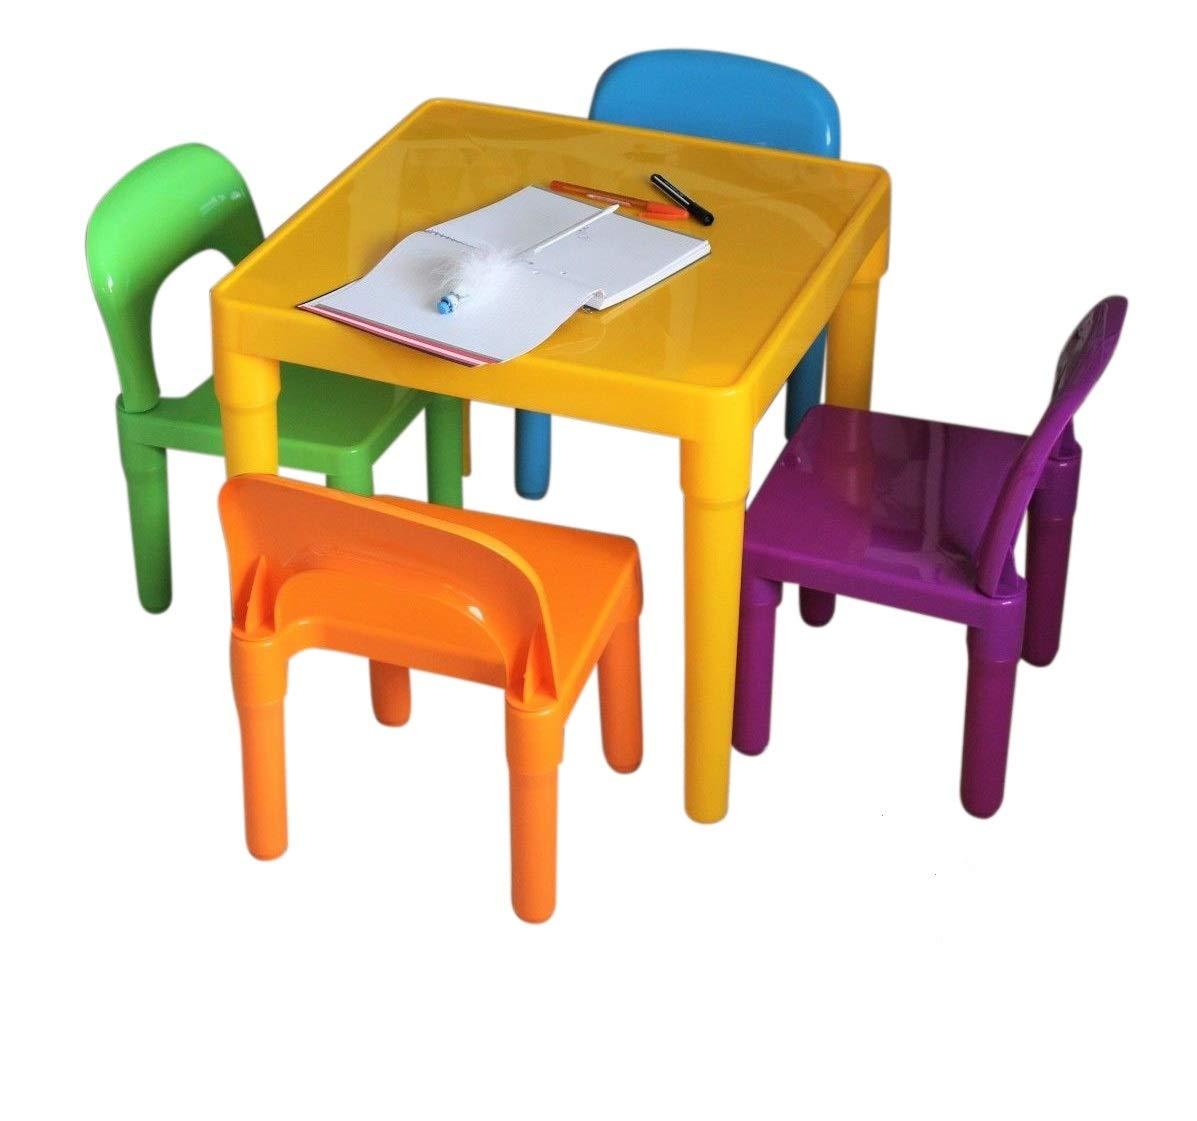 Tavoli E Sedie In Plastica Per Bambini.Home Hut Set Grande Tavolo E Sedia In Plastica Per Bambini Idea